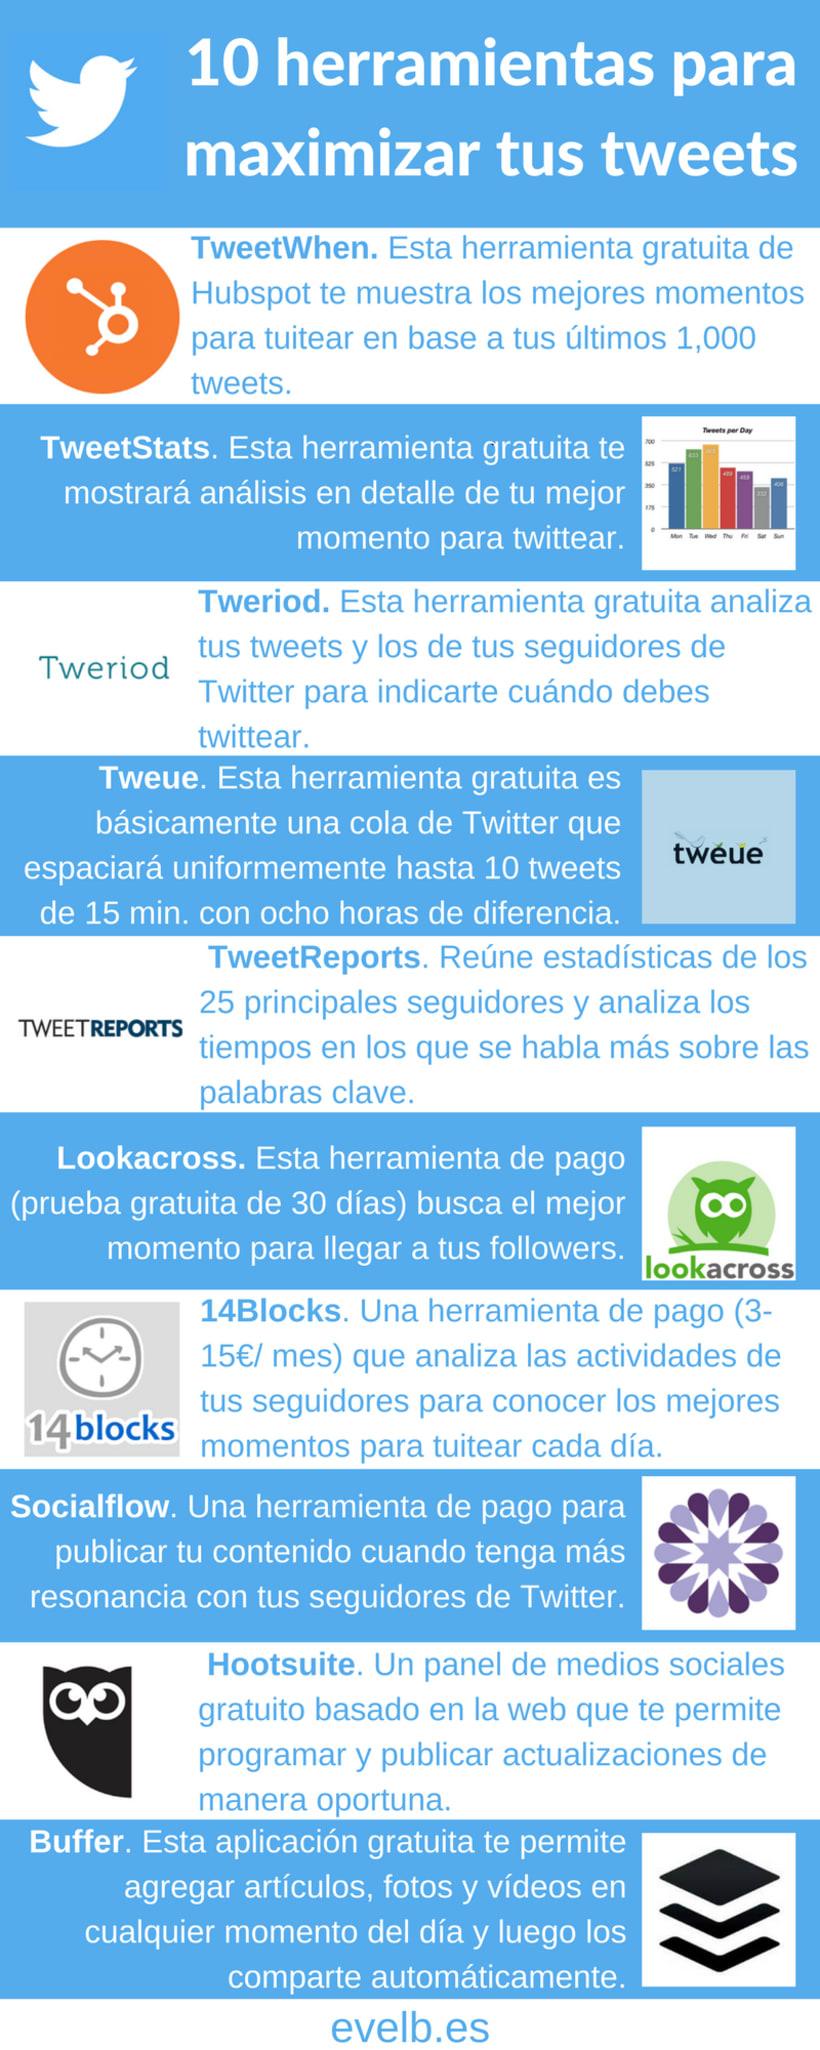 Infografías evelb.es 19